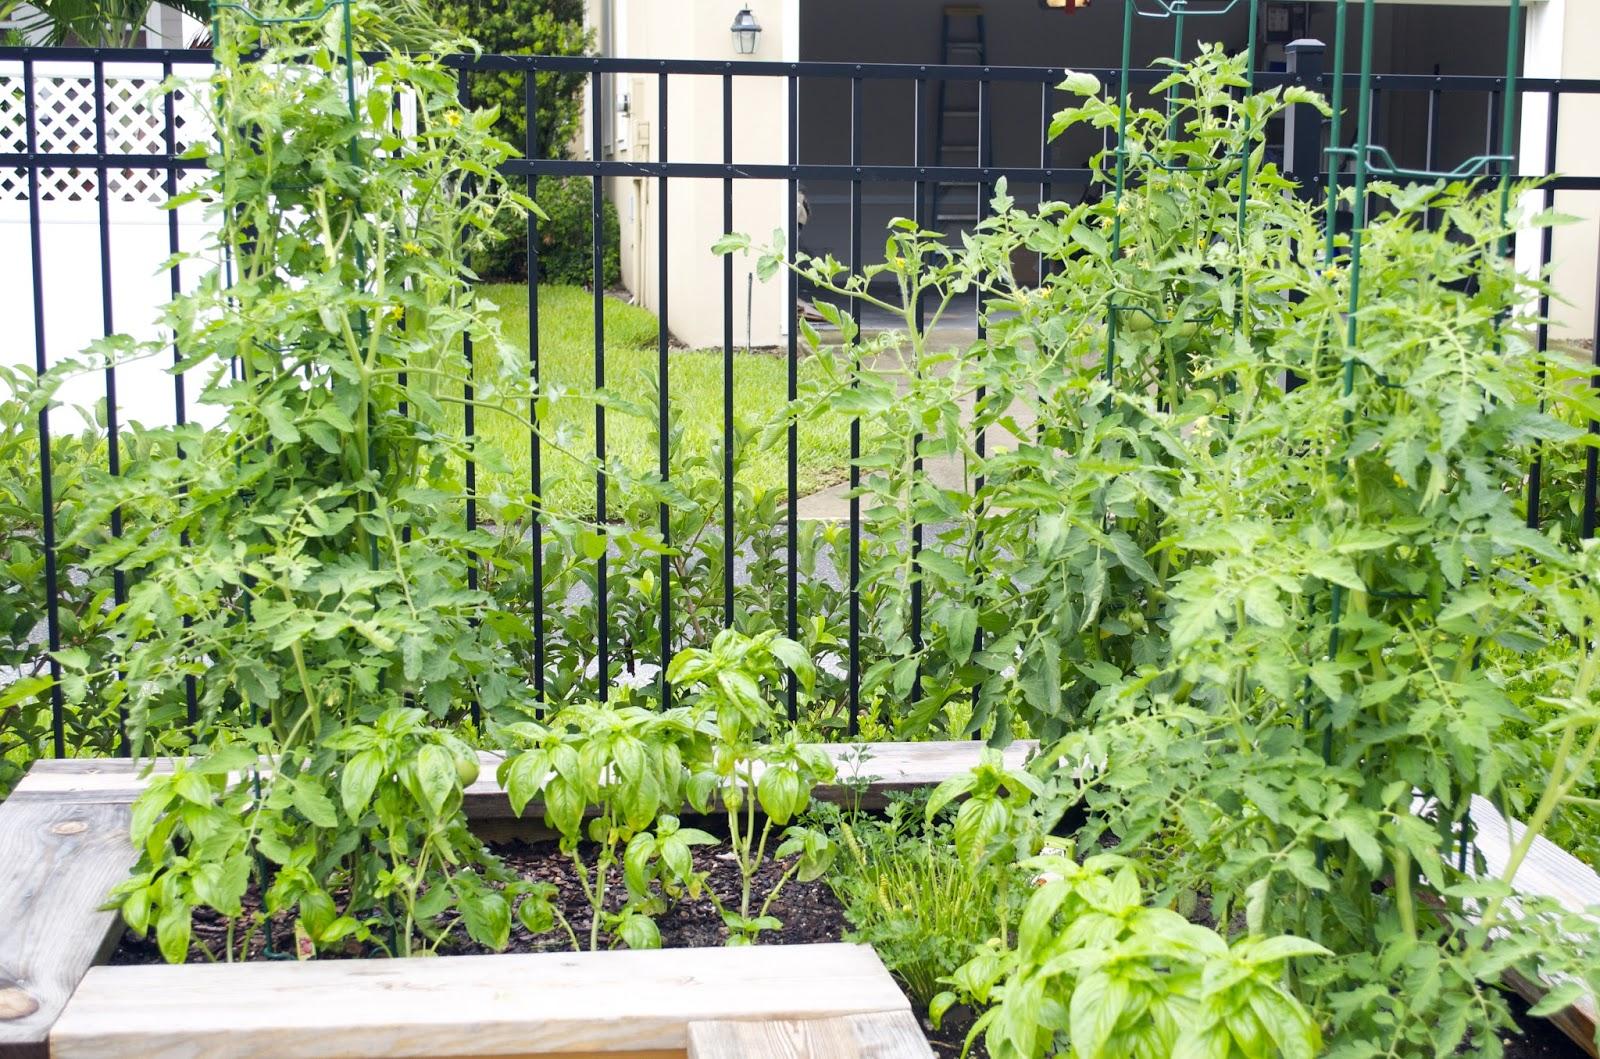 Our Kitchen Garden Milkweed Gardens Our Kitchen Garden Part Iv